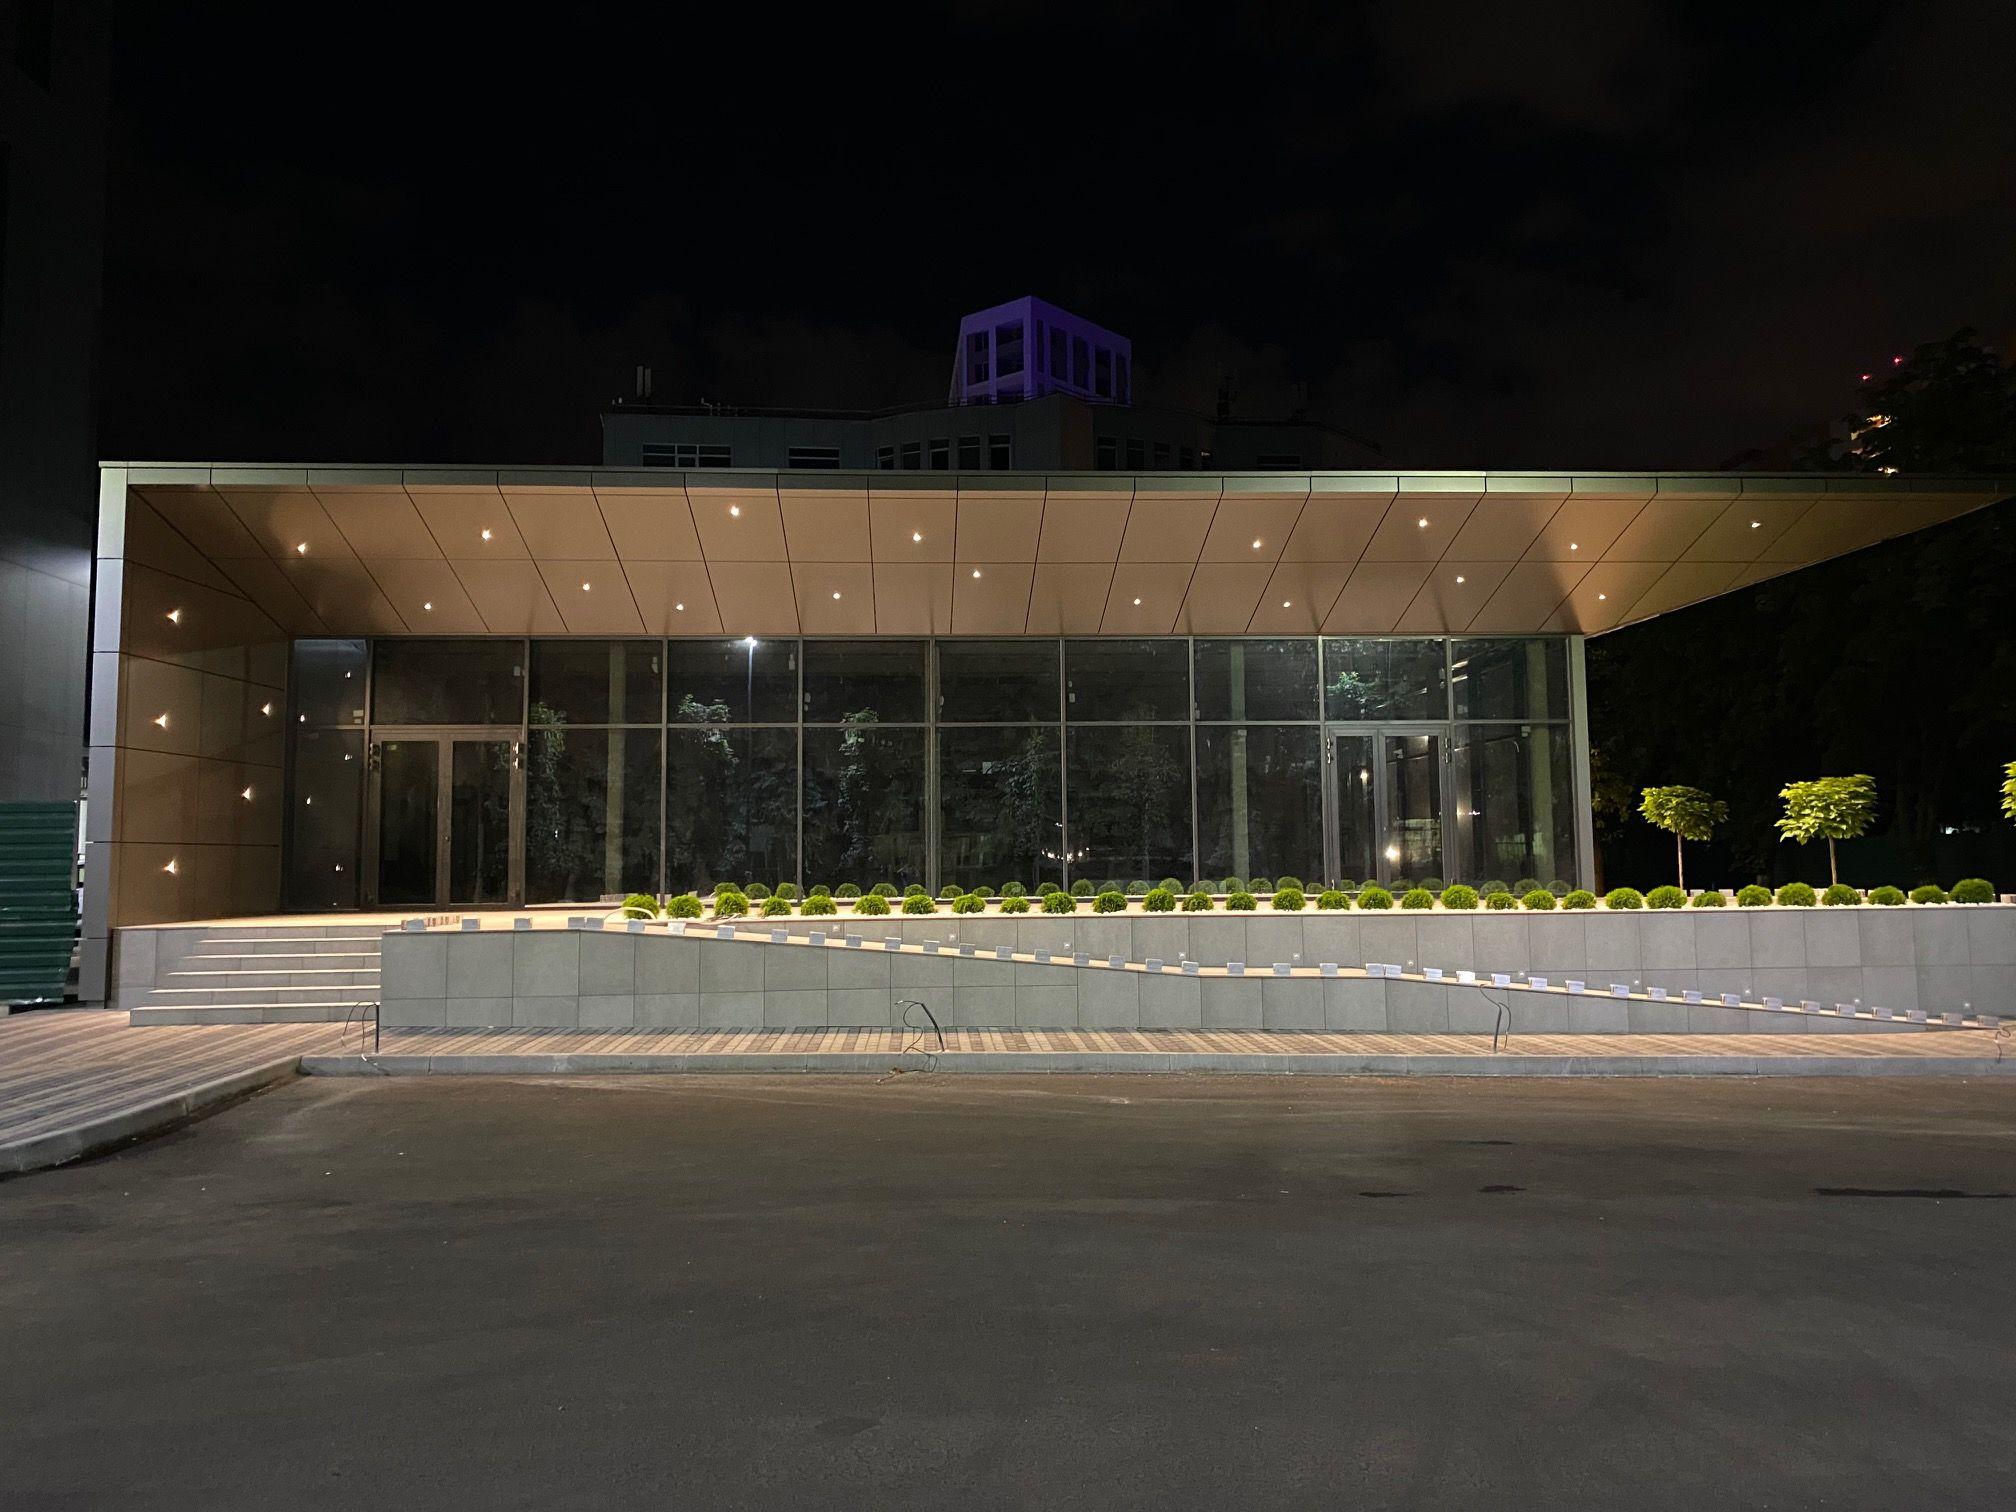 Ресторан, W-5994140, Победы просп., 67, Киев - Фото 2